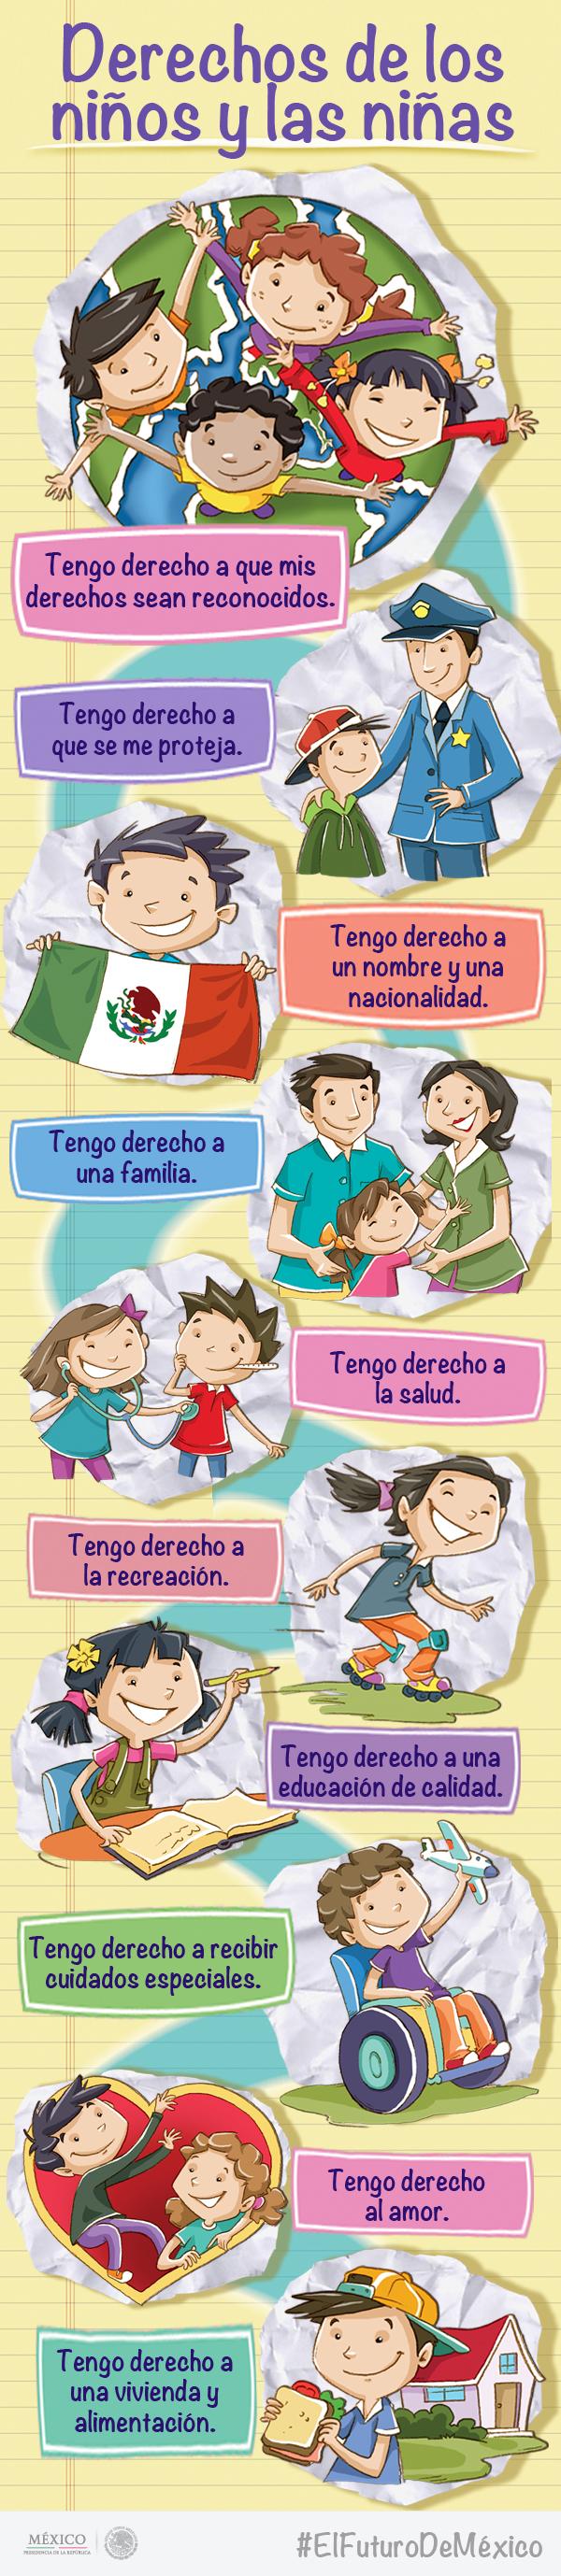 DERECHOS NINAS Y NINOS1.jpg